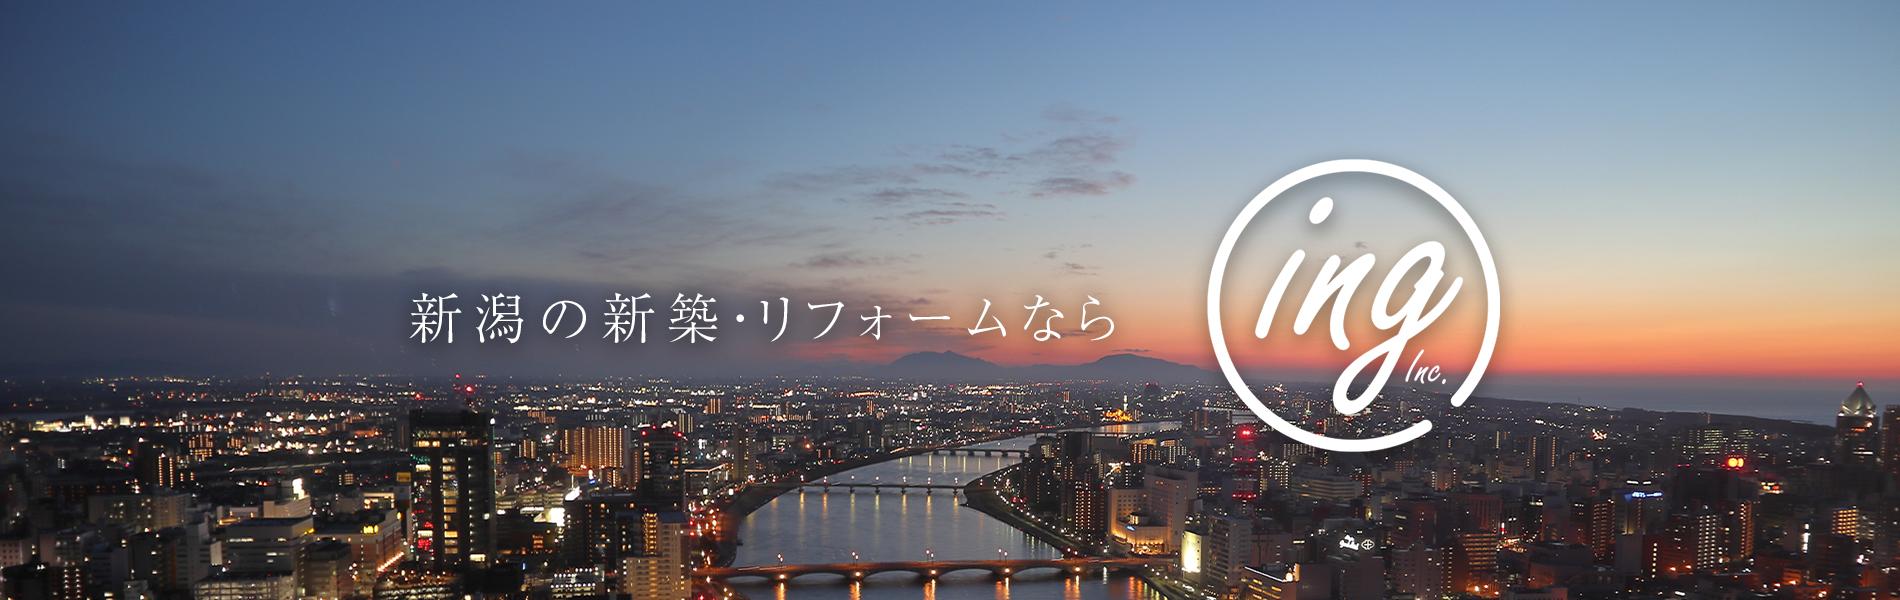 新潟の新築・リフォームならing株式会社